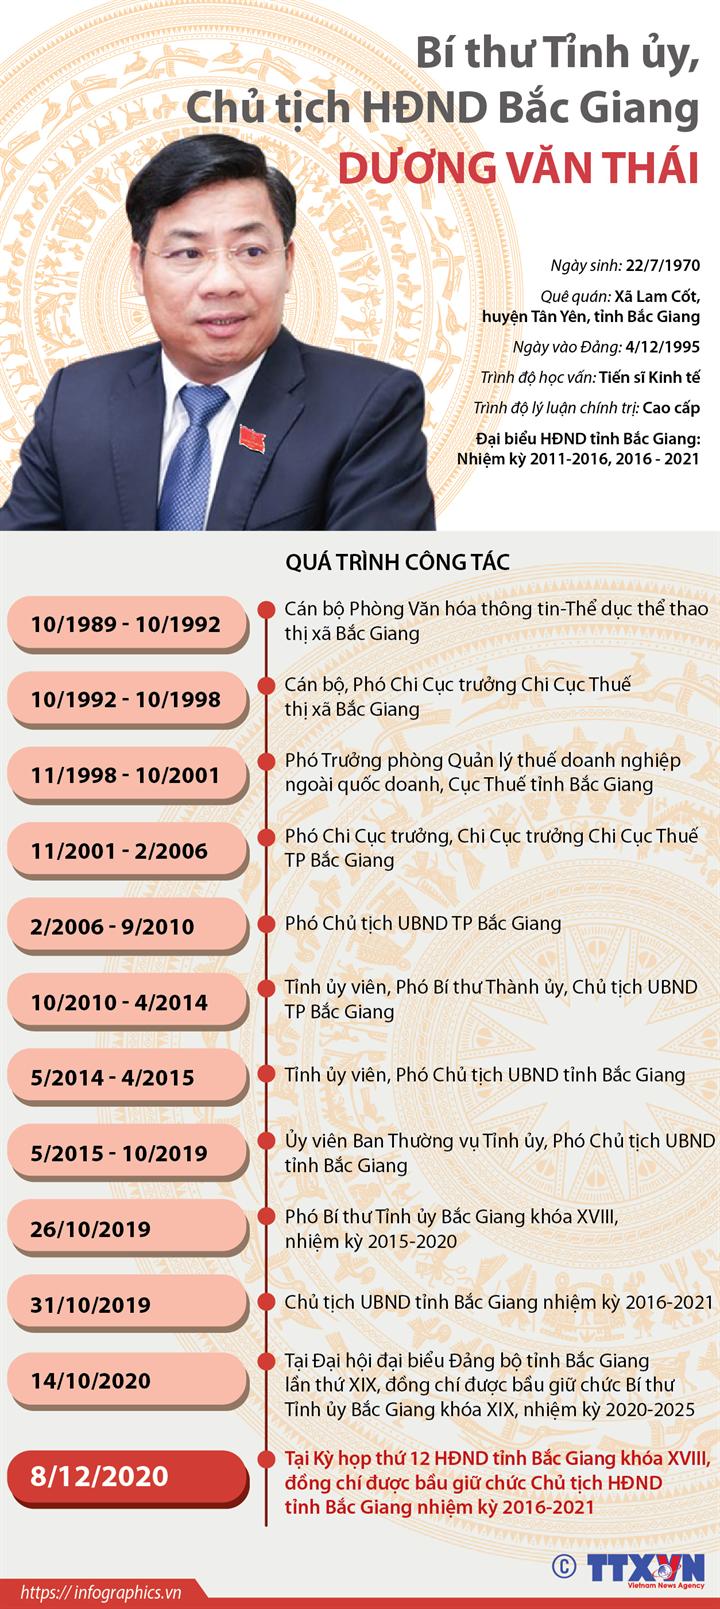 Bí thư Tỉnh ủy, Chủ tịch HĐND Bắc Giang Dương Văn Thái